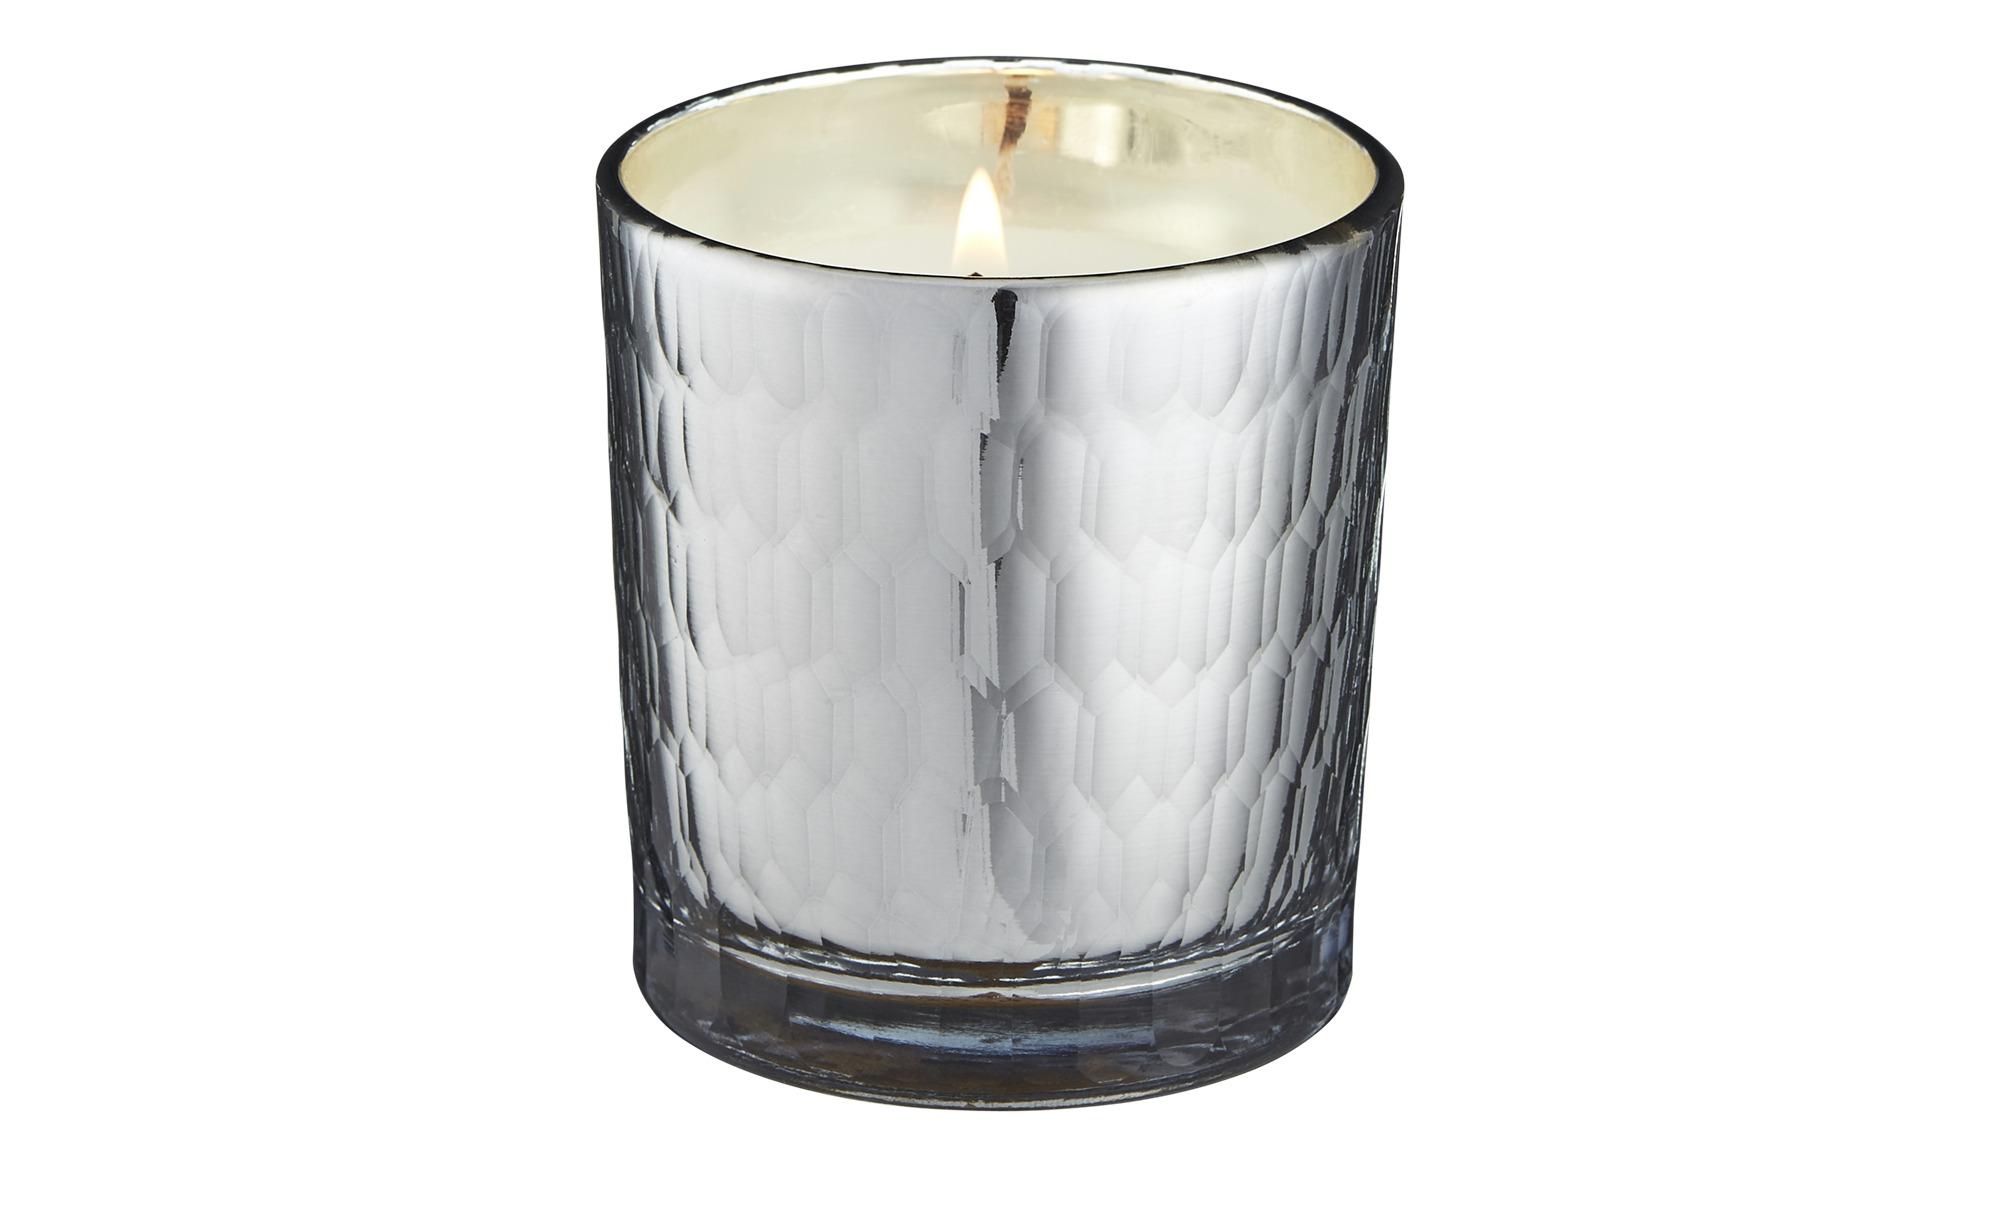 Silber glas kerzen online kaufen möbel suchmaschine